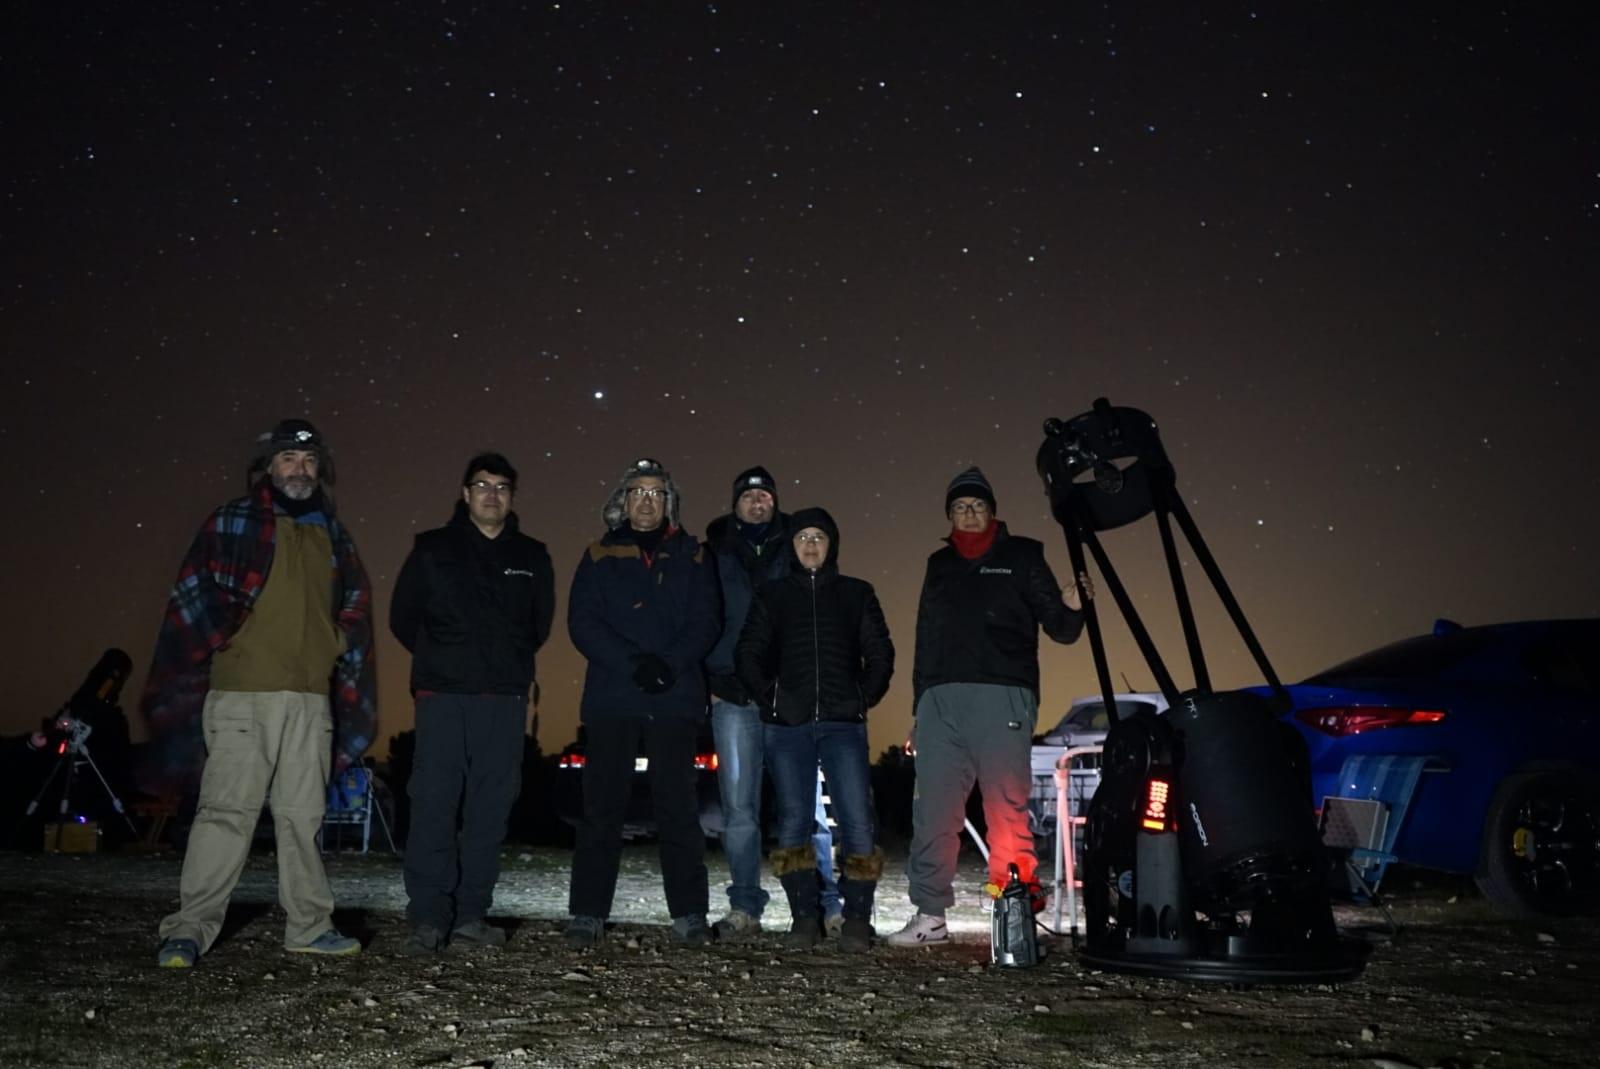 astrocieza-celebra-el-iii-gran-encuentro-astronomico